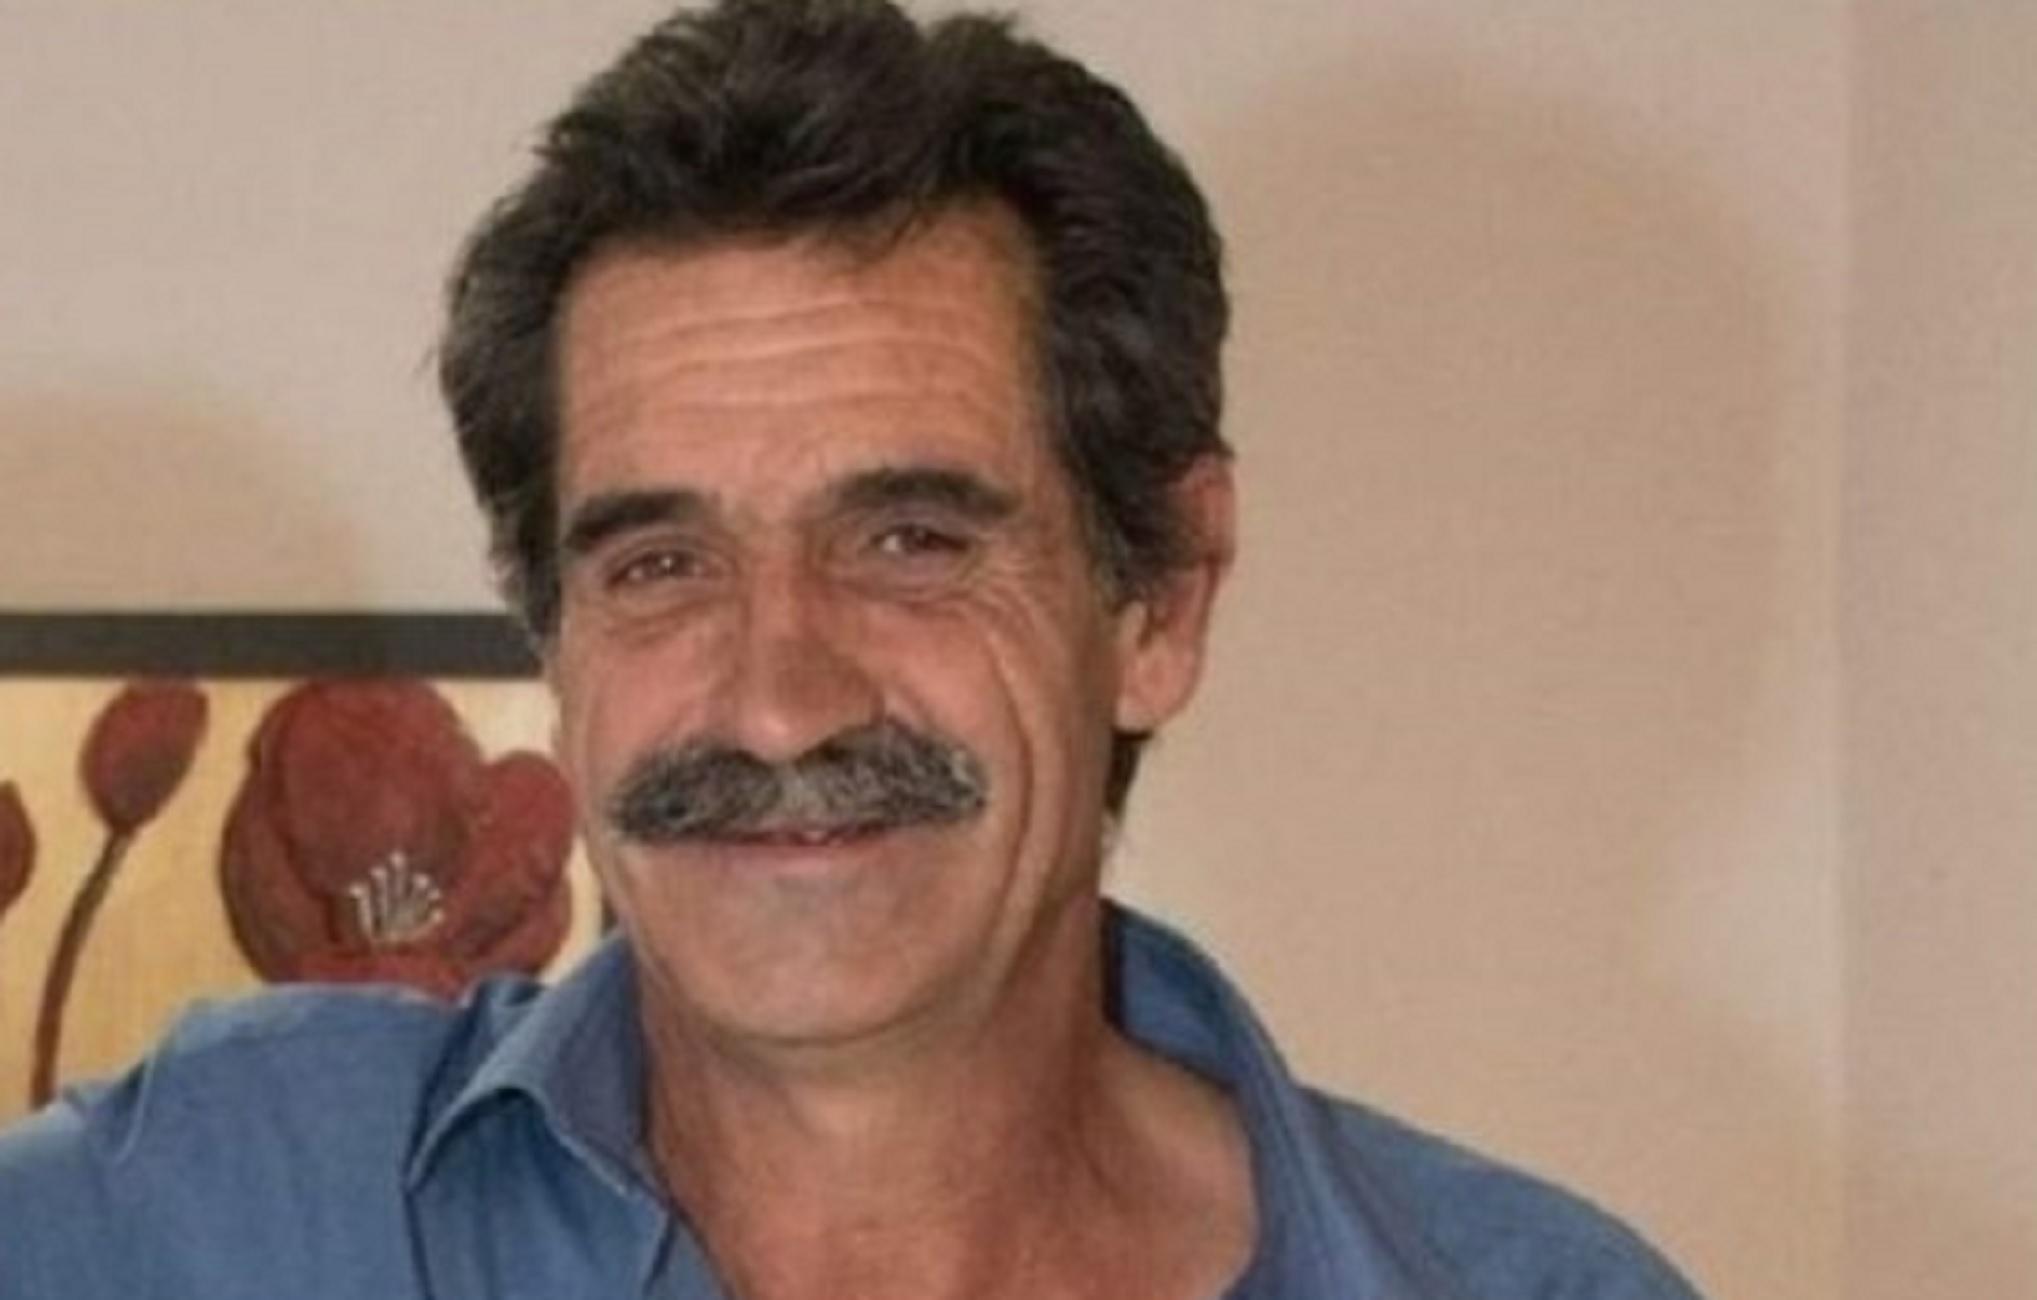 Κρήτη: Σπαραγμός στην κηδεία του κτηνοτρόφου που πέθανε στην κακοκαιρία – Σοβαρή καταγγελία από φίλο του (pics)